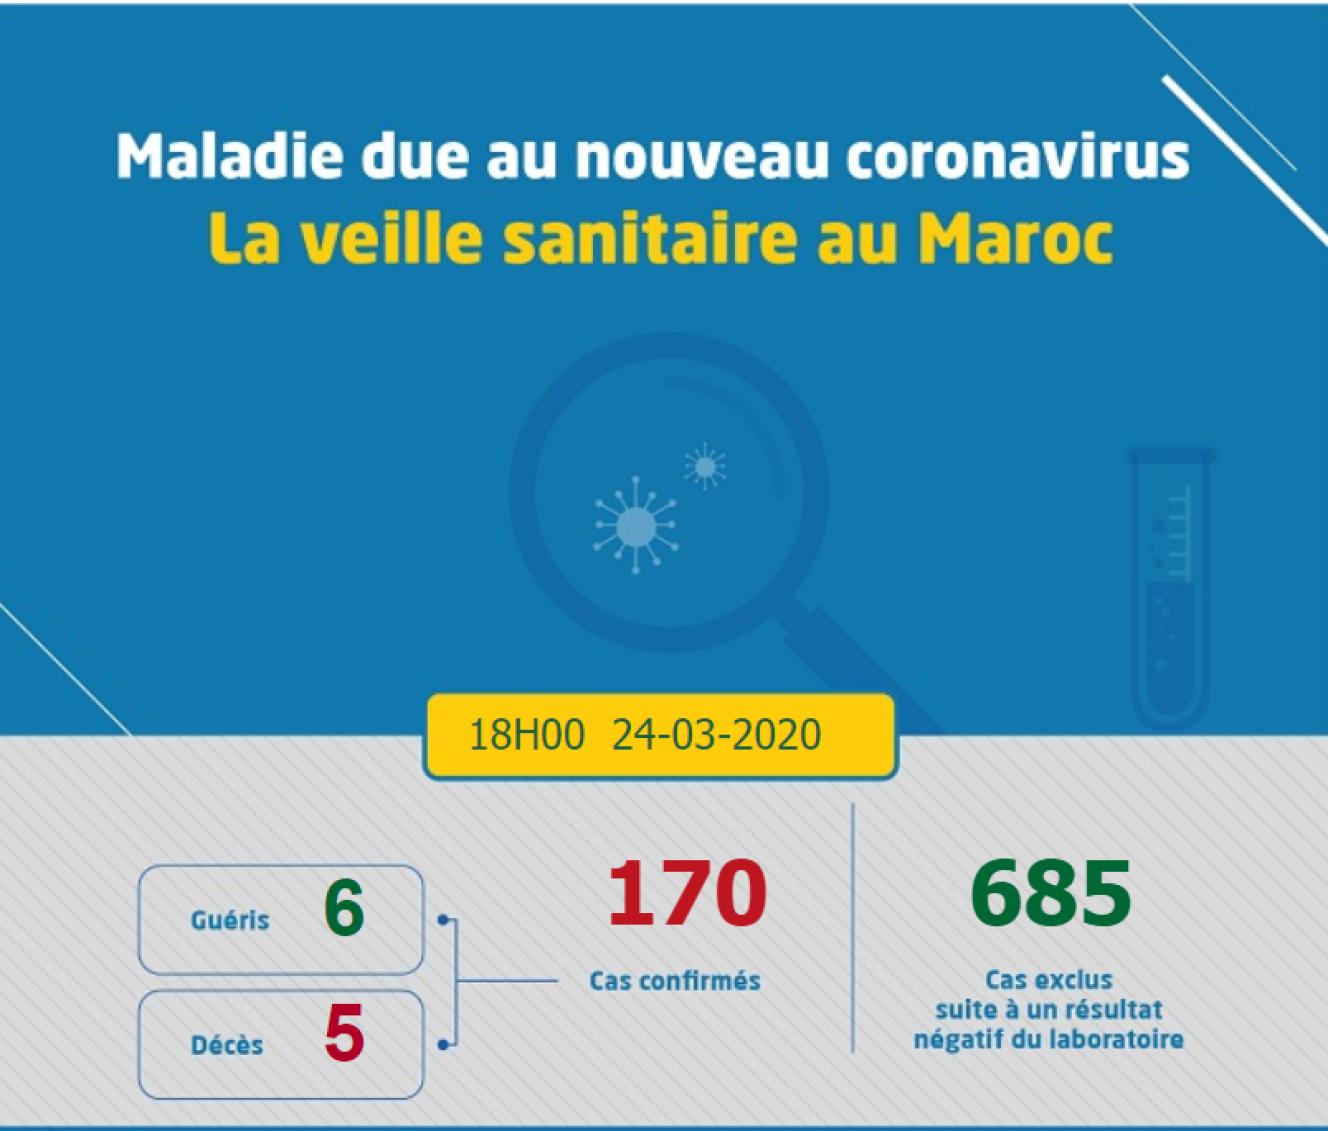 C'erano sei guarigioni in Marocco totale, e questi sono prima dell'acquisto dello stock di clorochina.